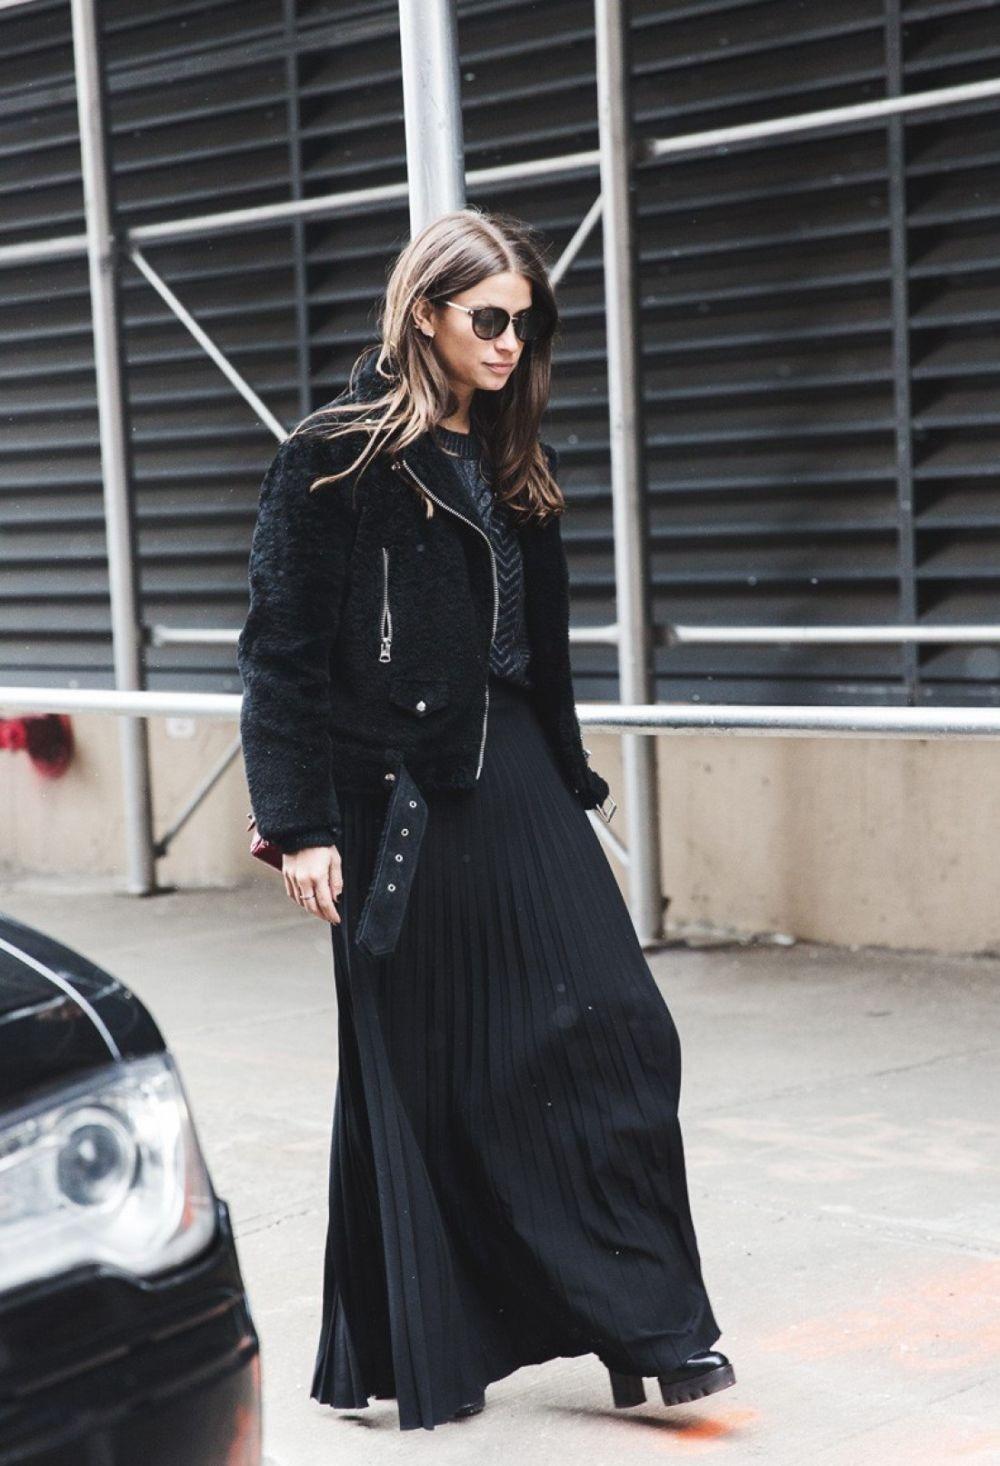 юбка плиссе длинная черная под куртку оверсайз